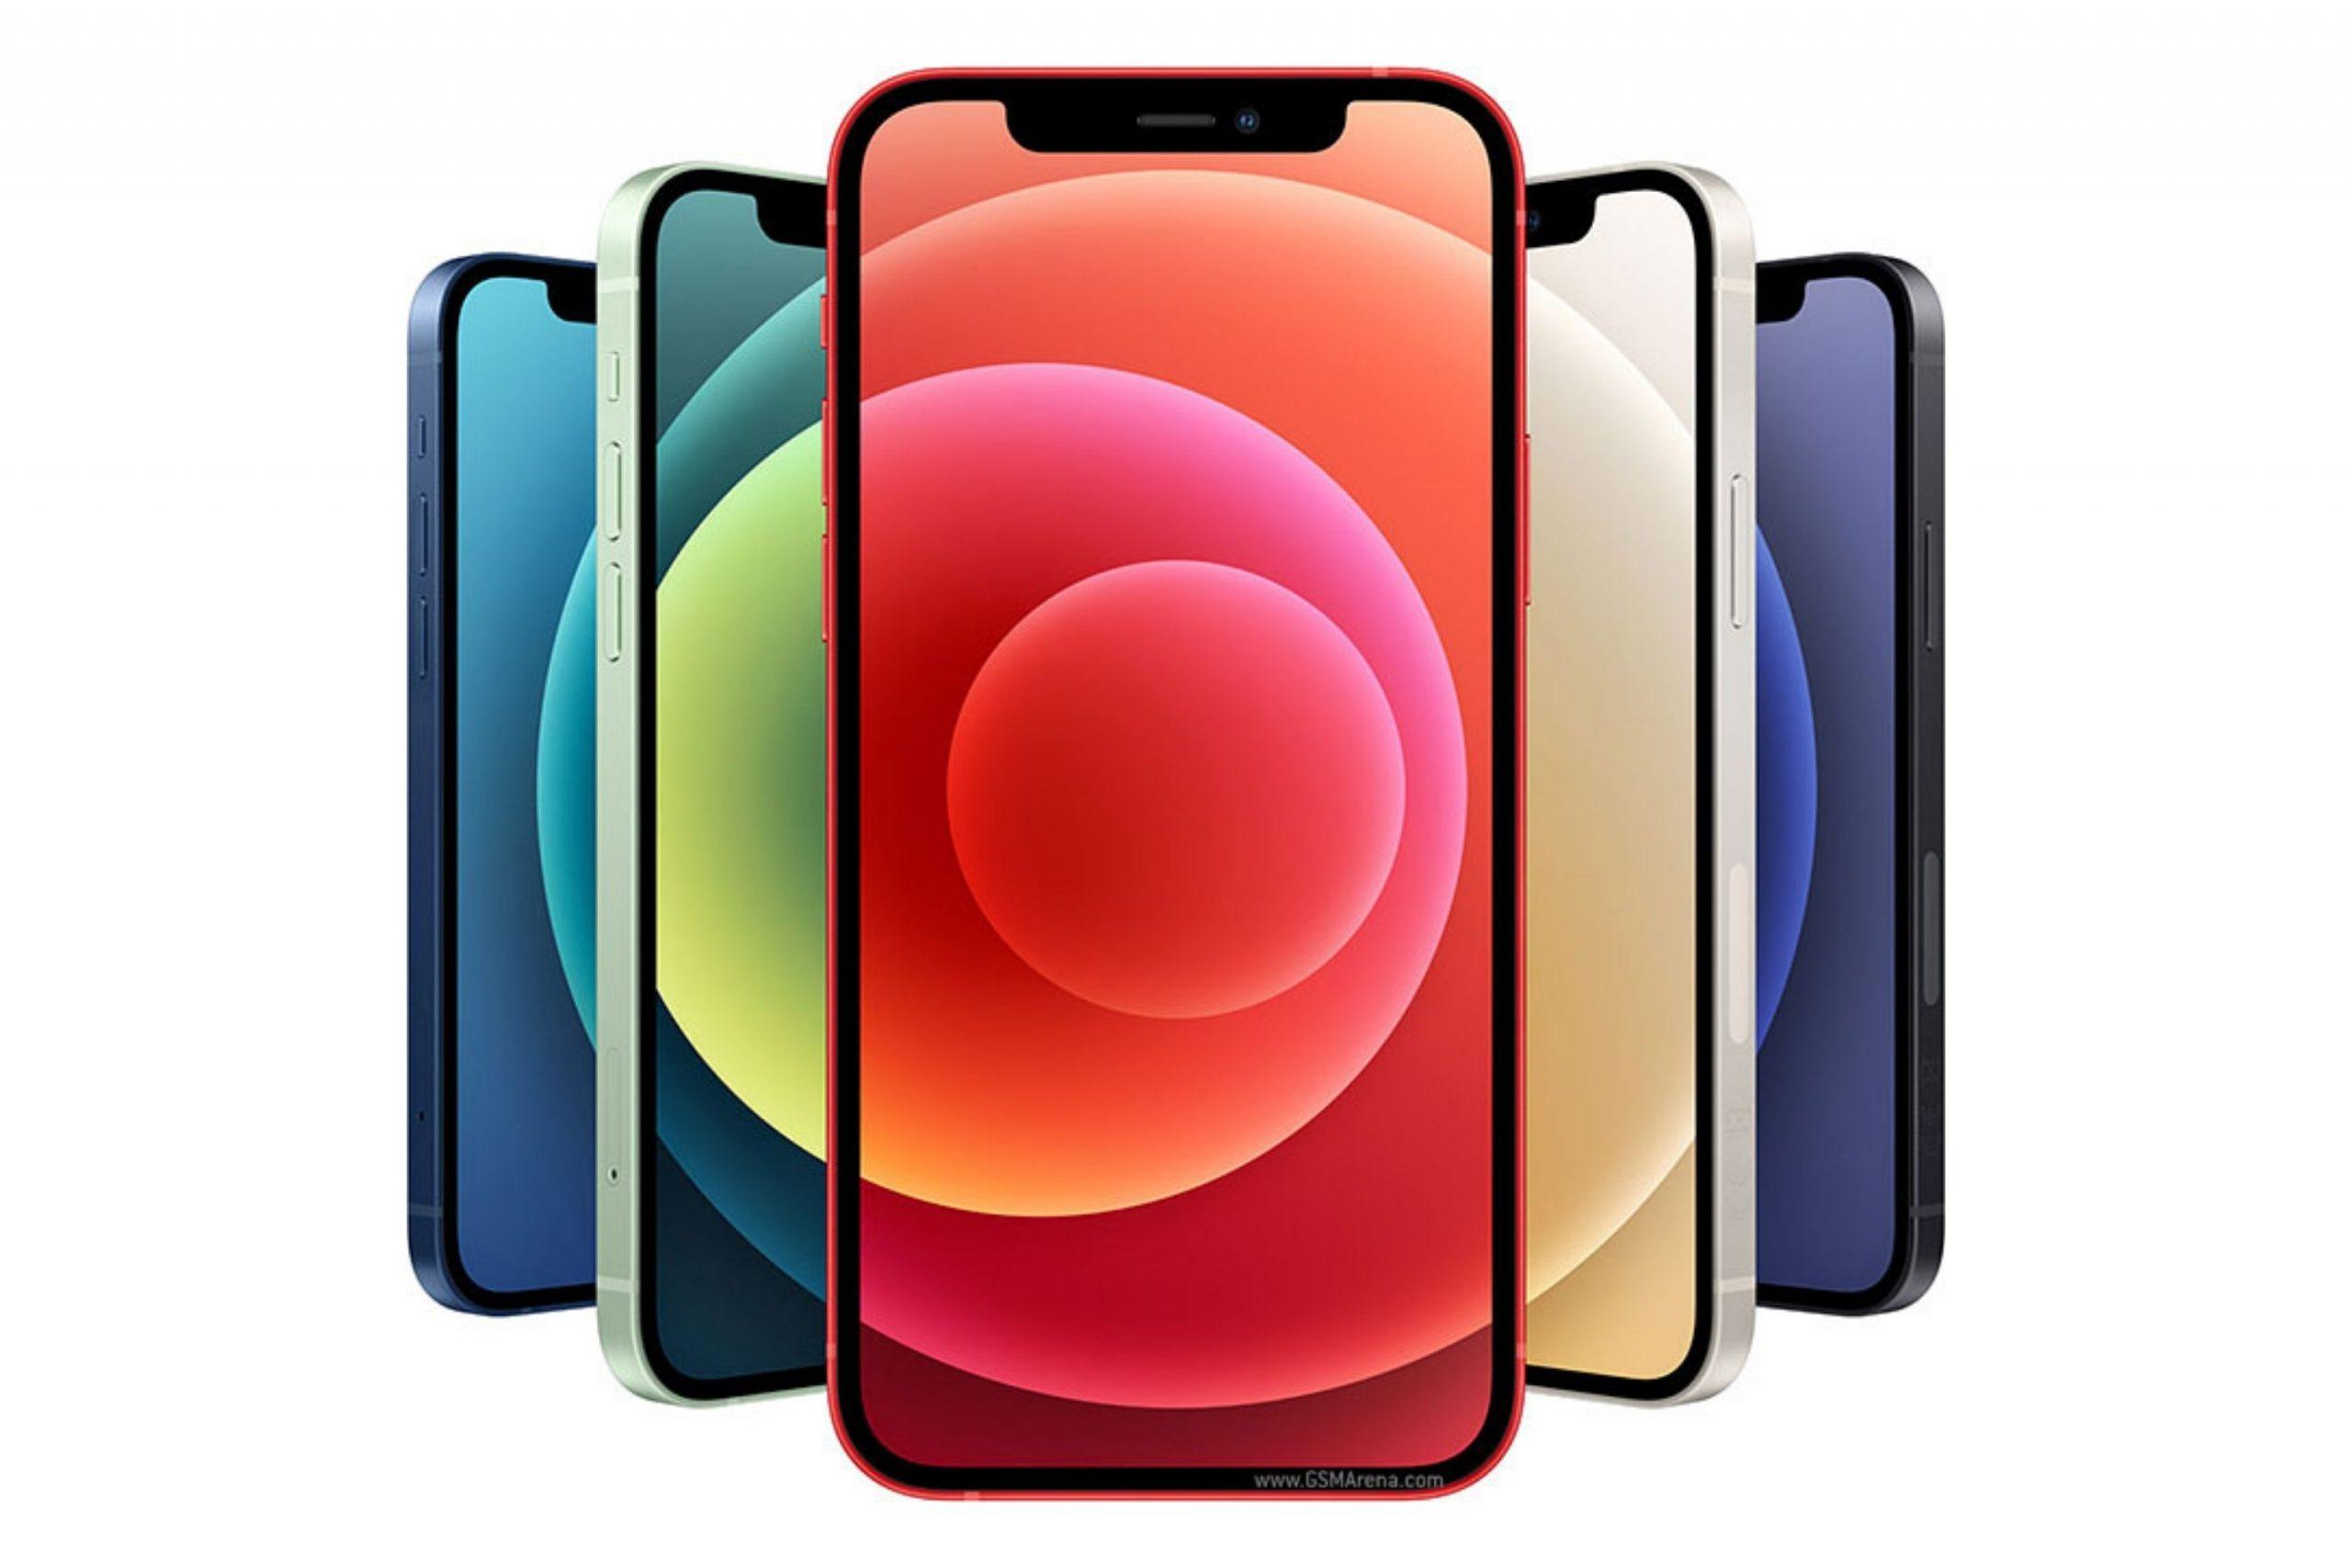 iphone 12 repair in kolkata